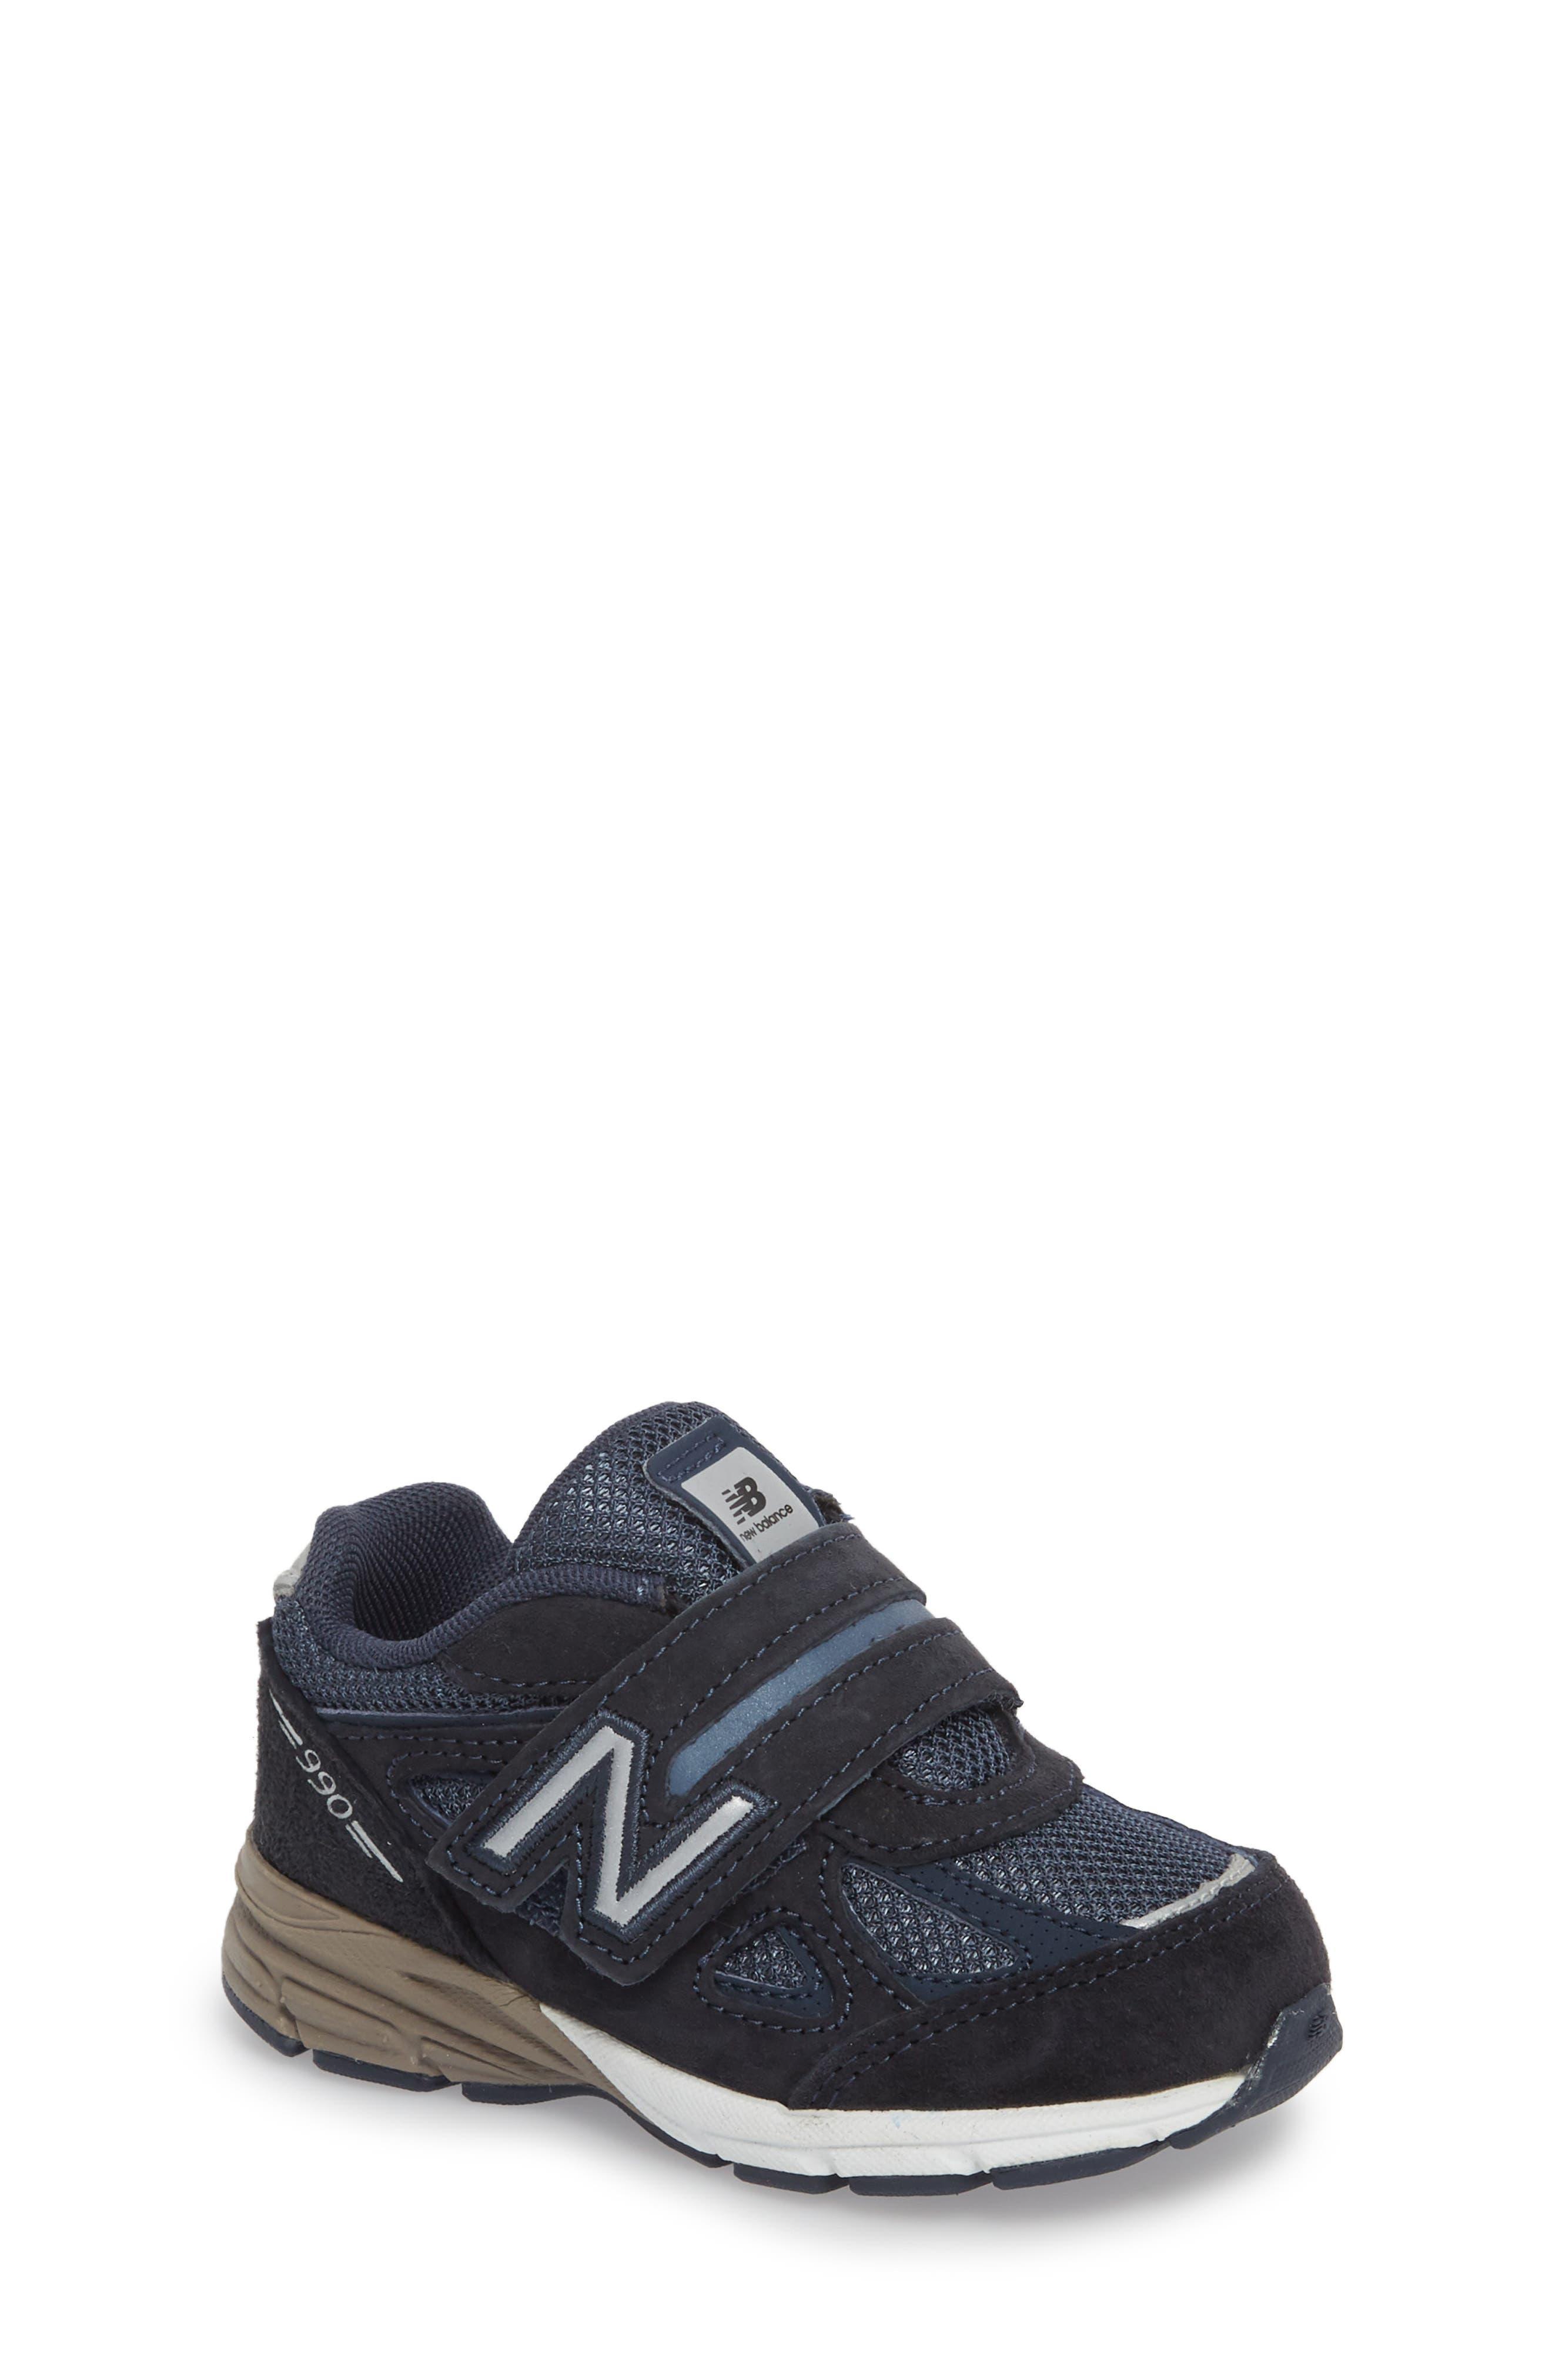 990v4 Sneaker,                         Main,                         color, 410